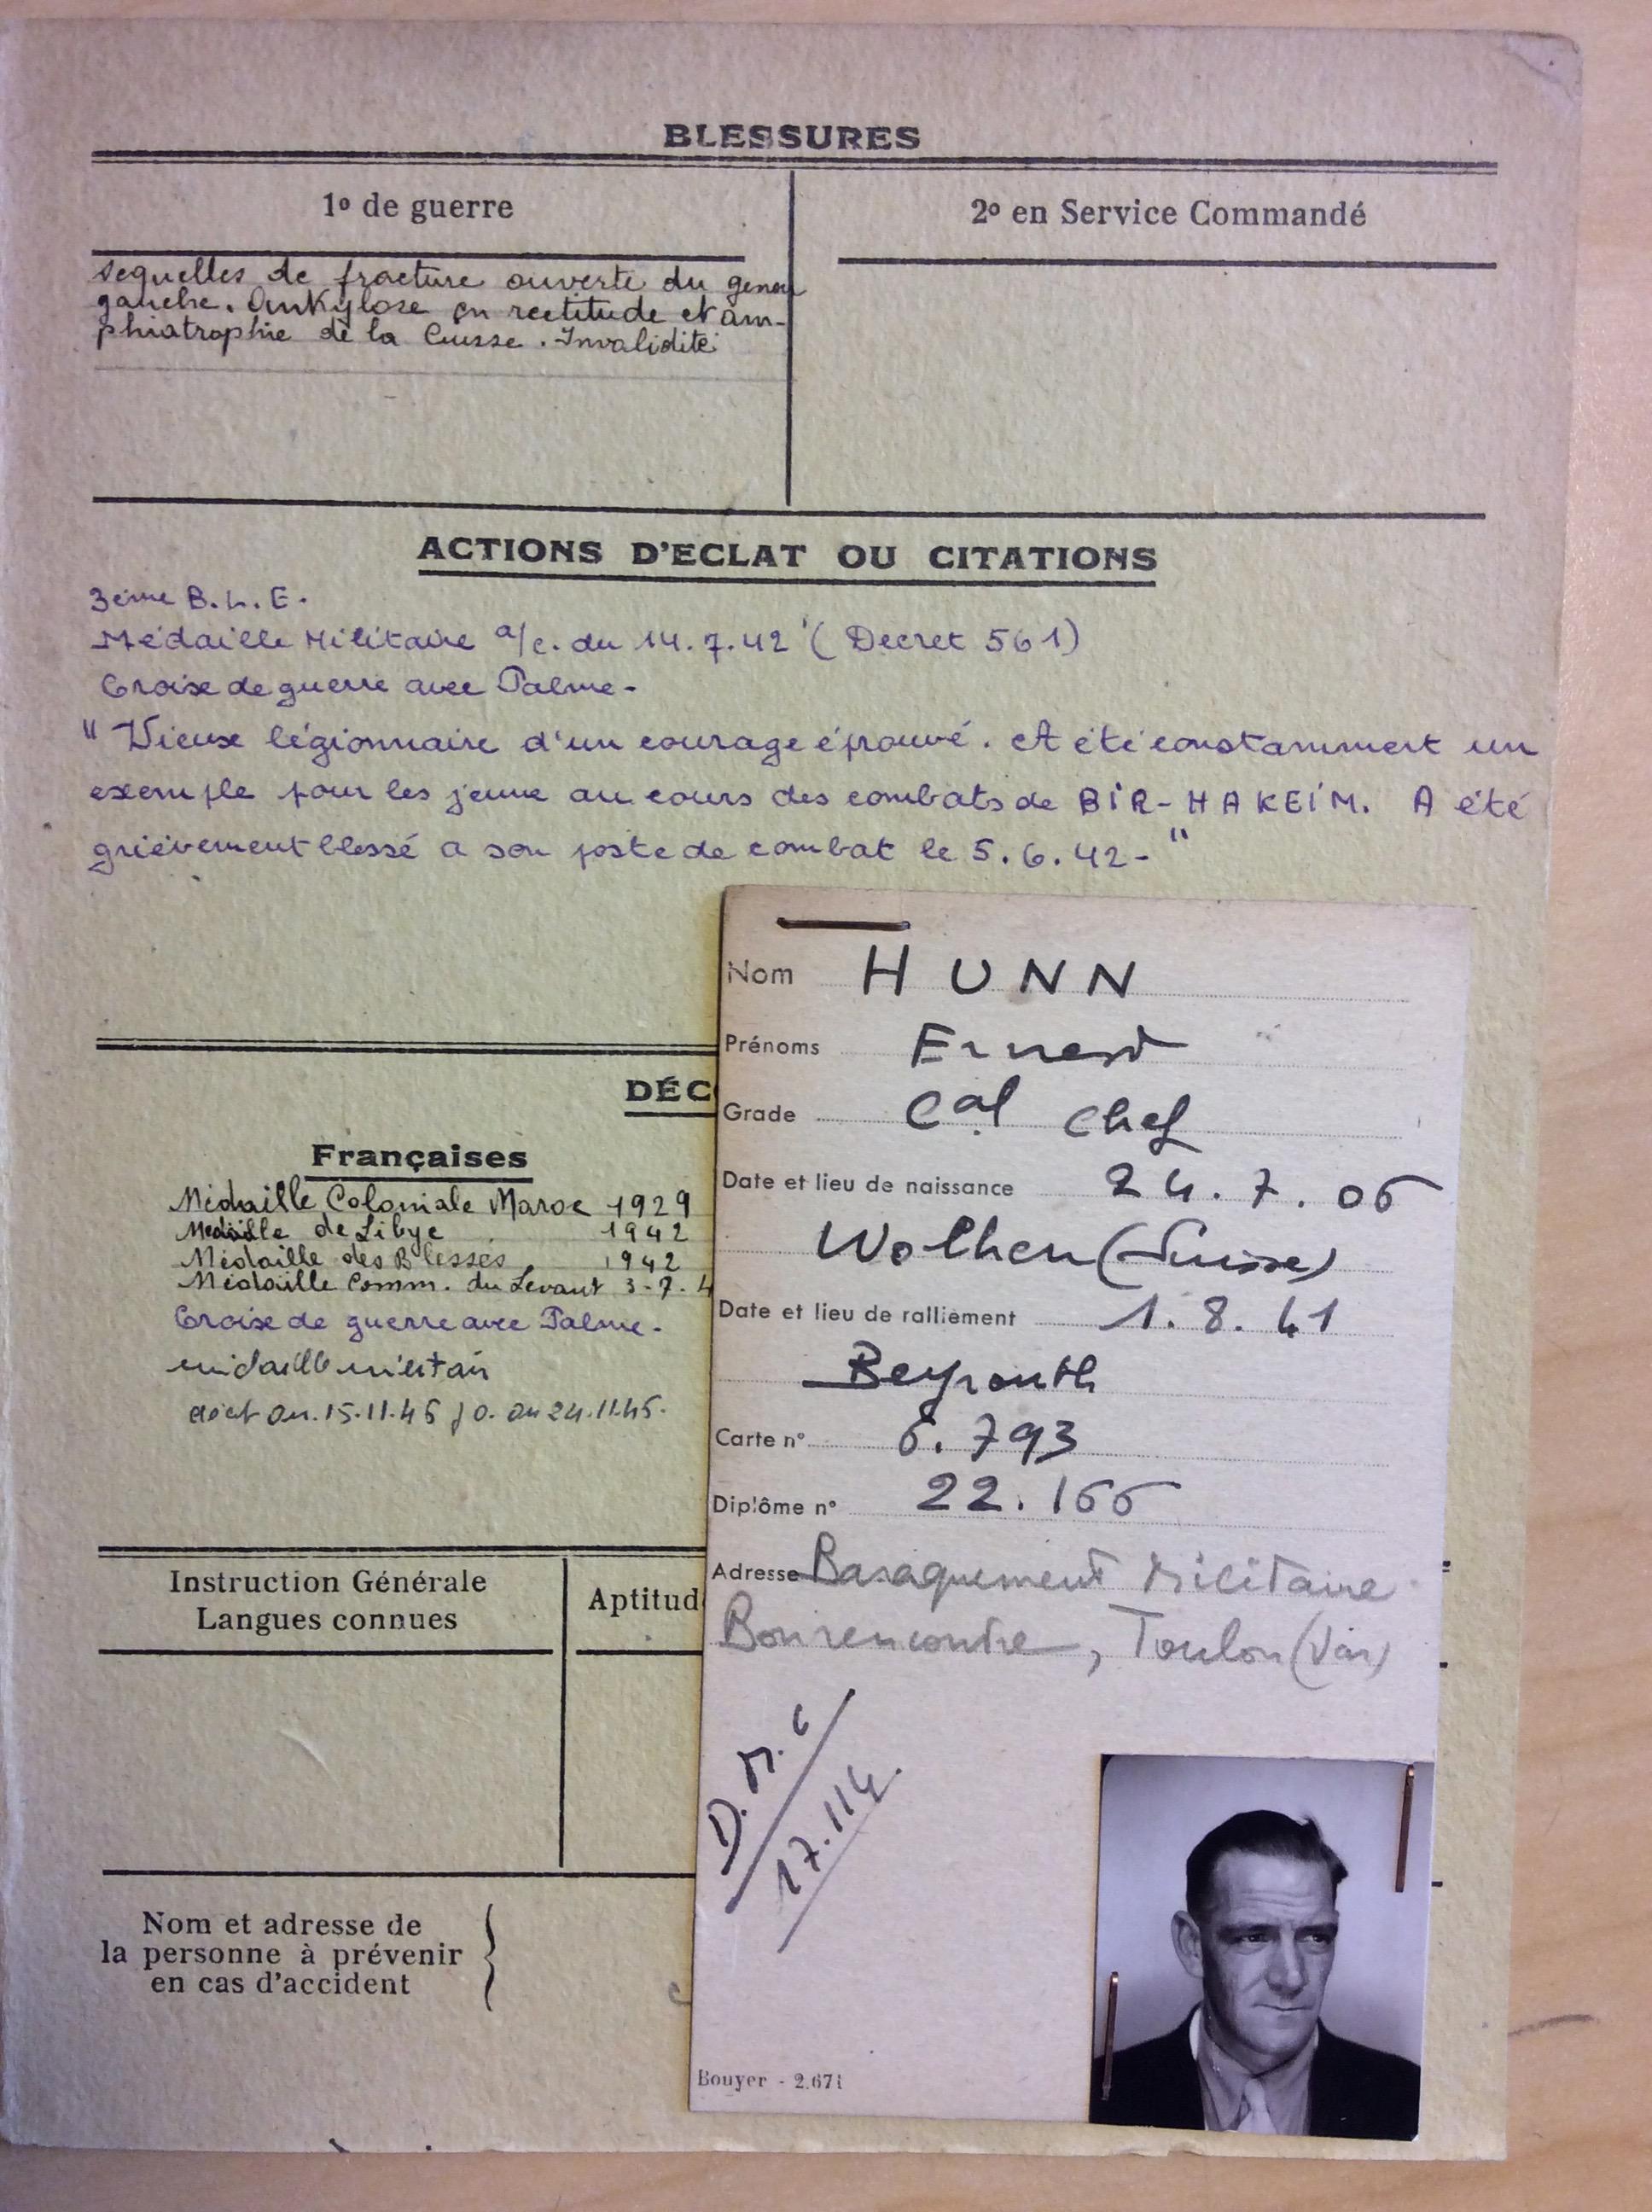 Der ehemalige Fremdenlegionär Ernst Hunn, der im Sommer 1941 in Syrien zur Résistance überläuft. Bildnachweis: Service historique de la Défense (SHD), Paris-Vincennes (16P 299347)